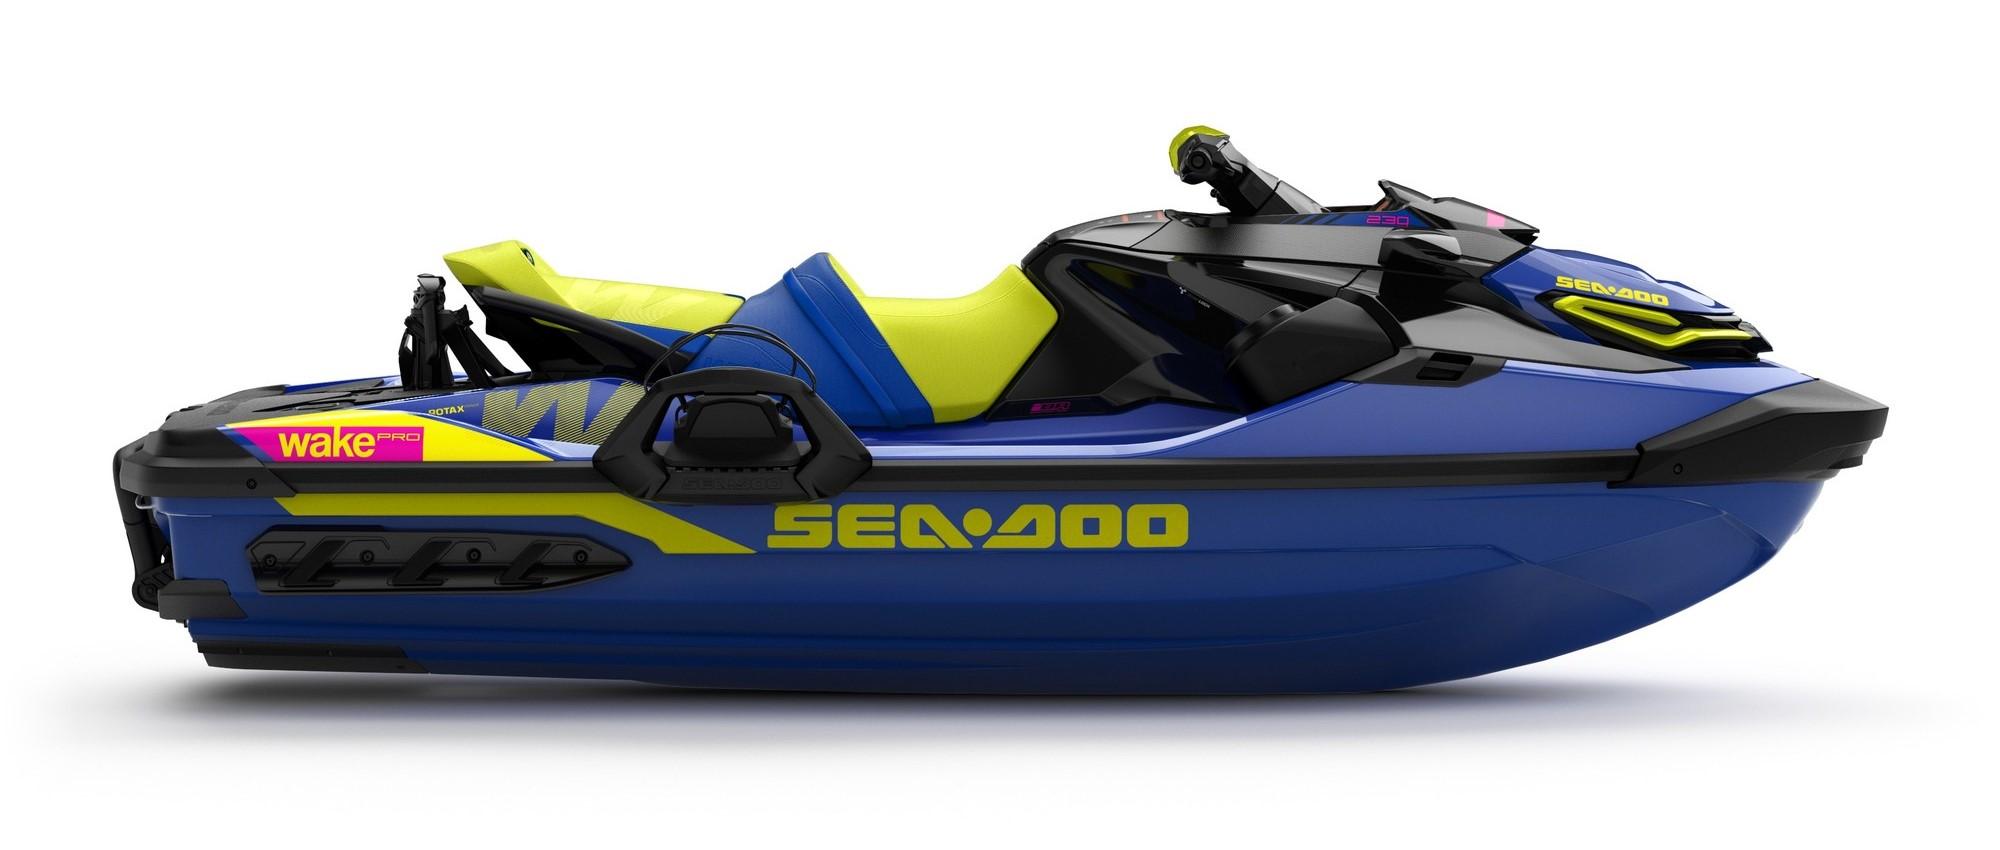 Harga Jetski Sea-Doo Wake Pro